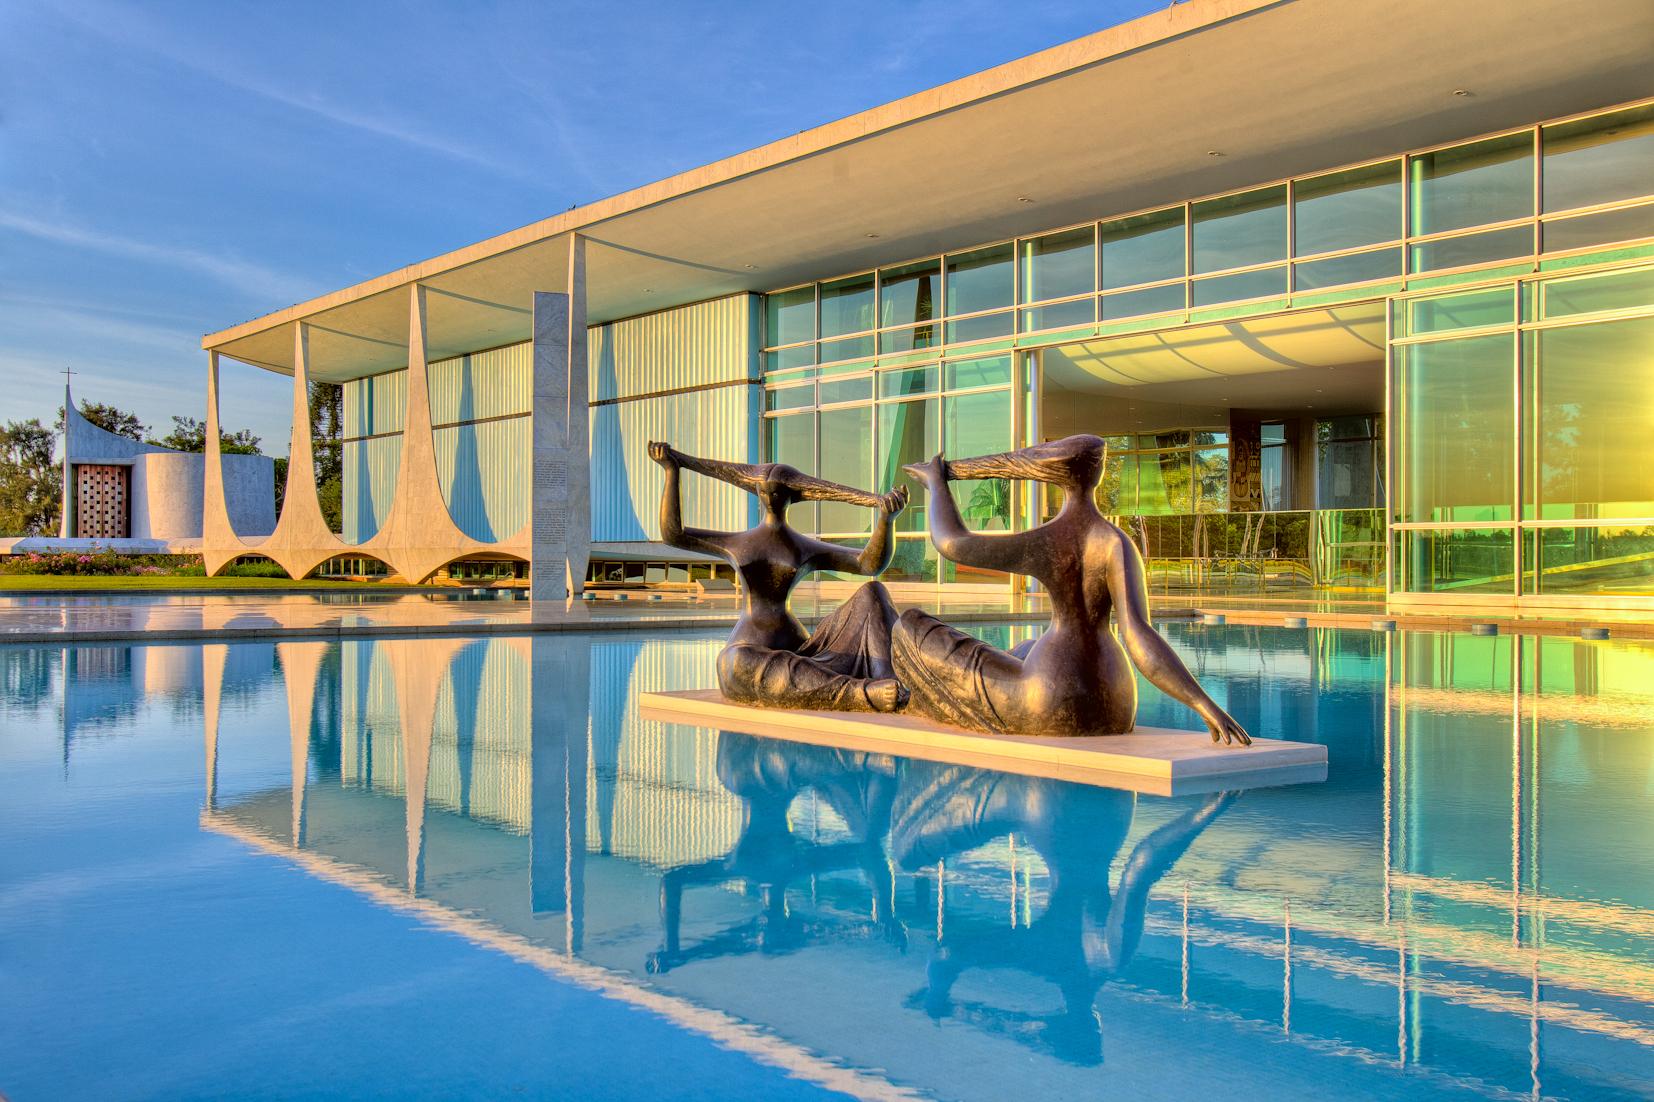 4 cidades brasileiras que são o destino ideal para quem ama arquitetura e engenharia